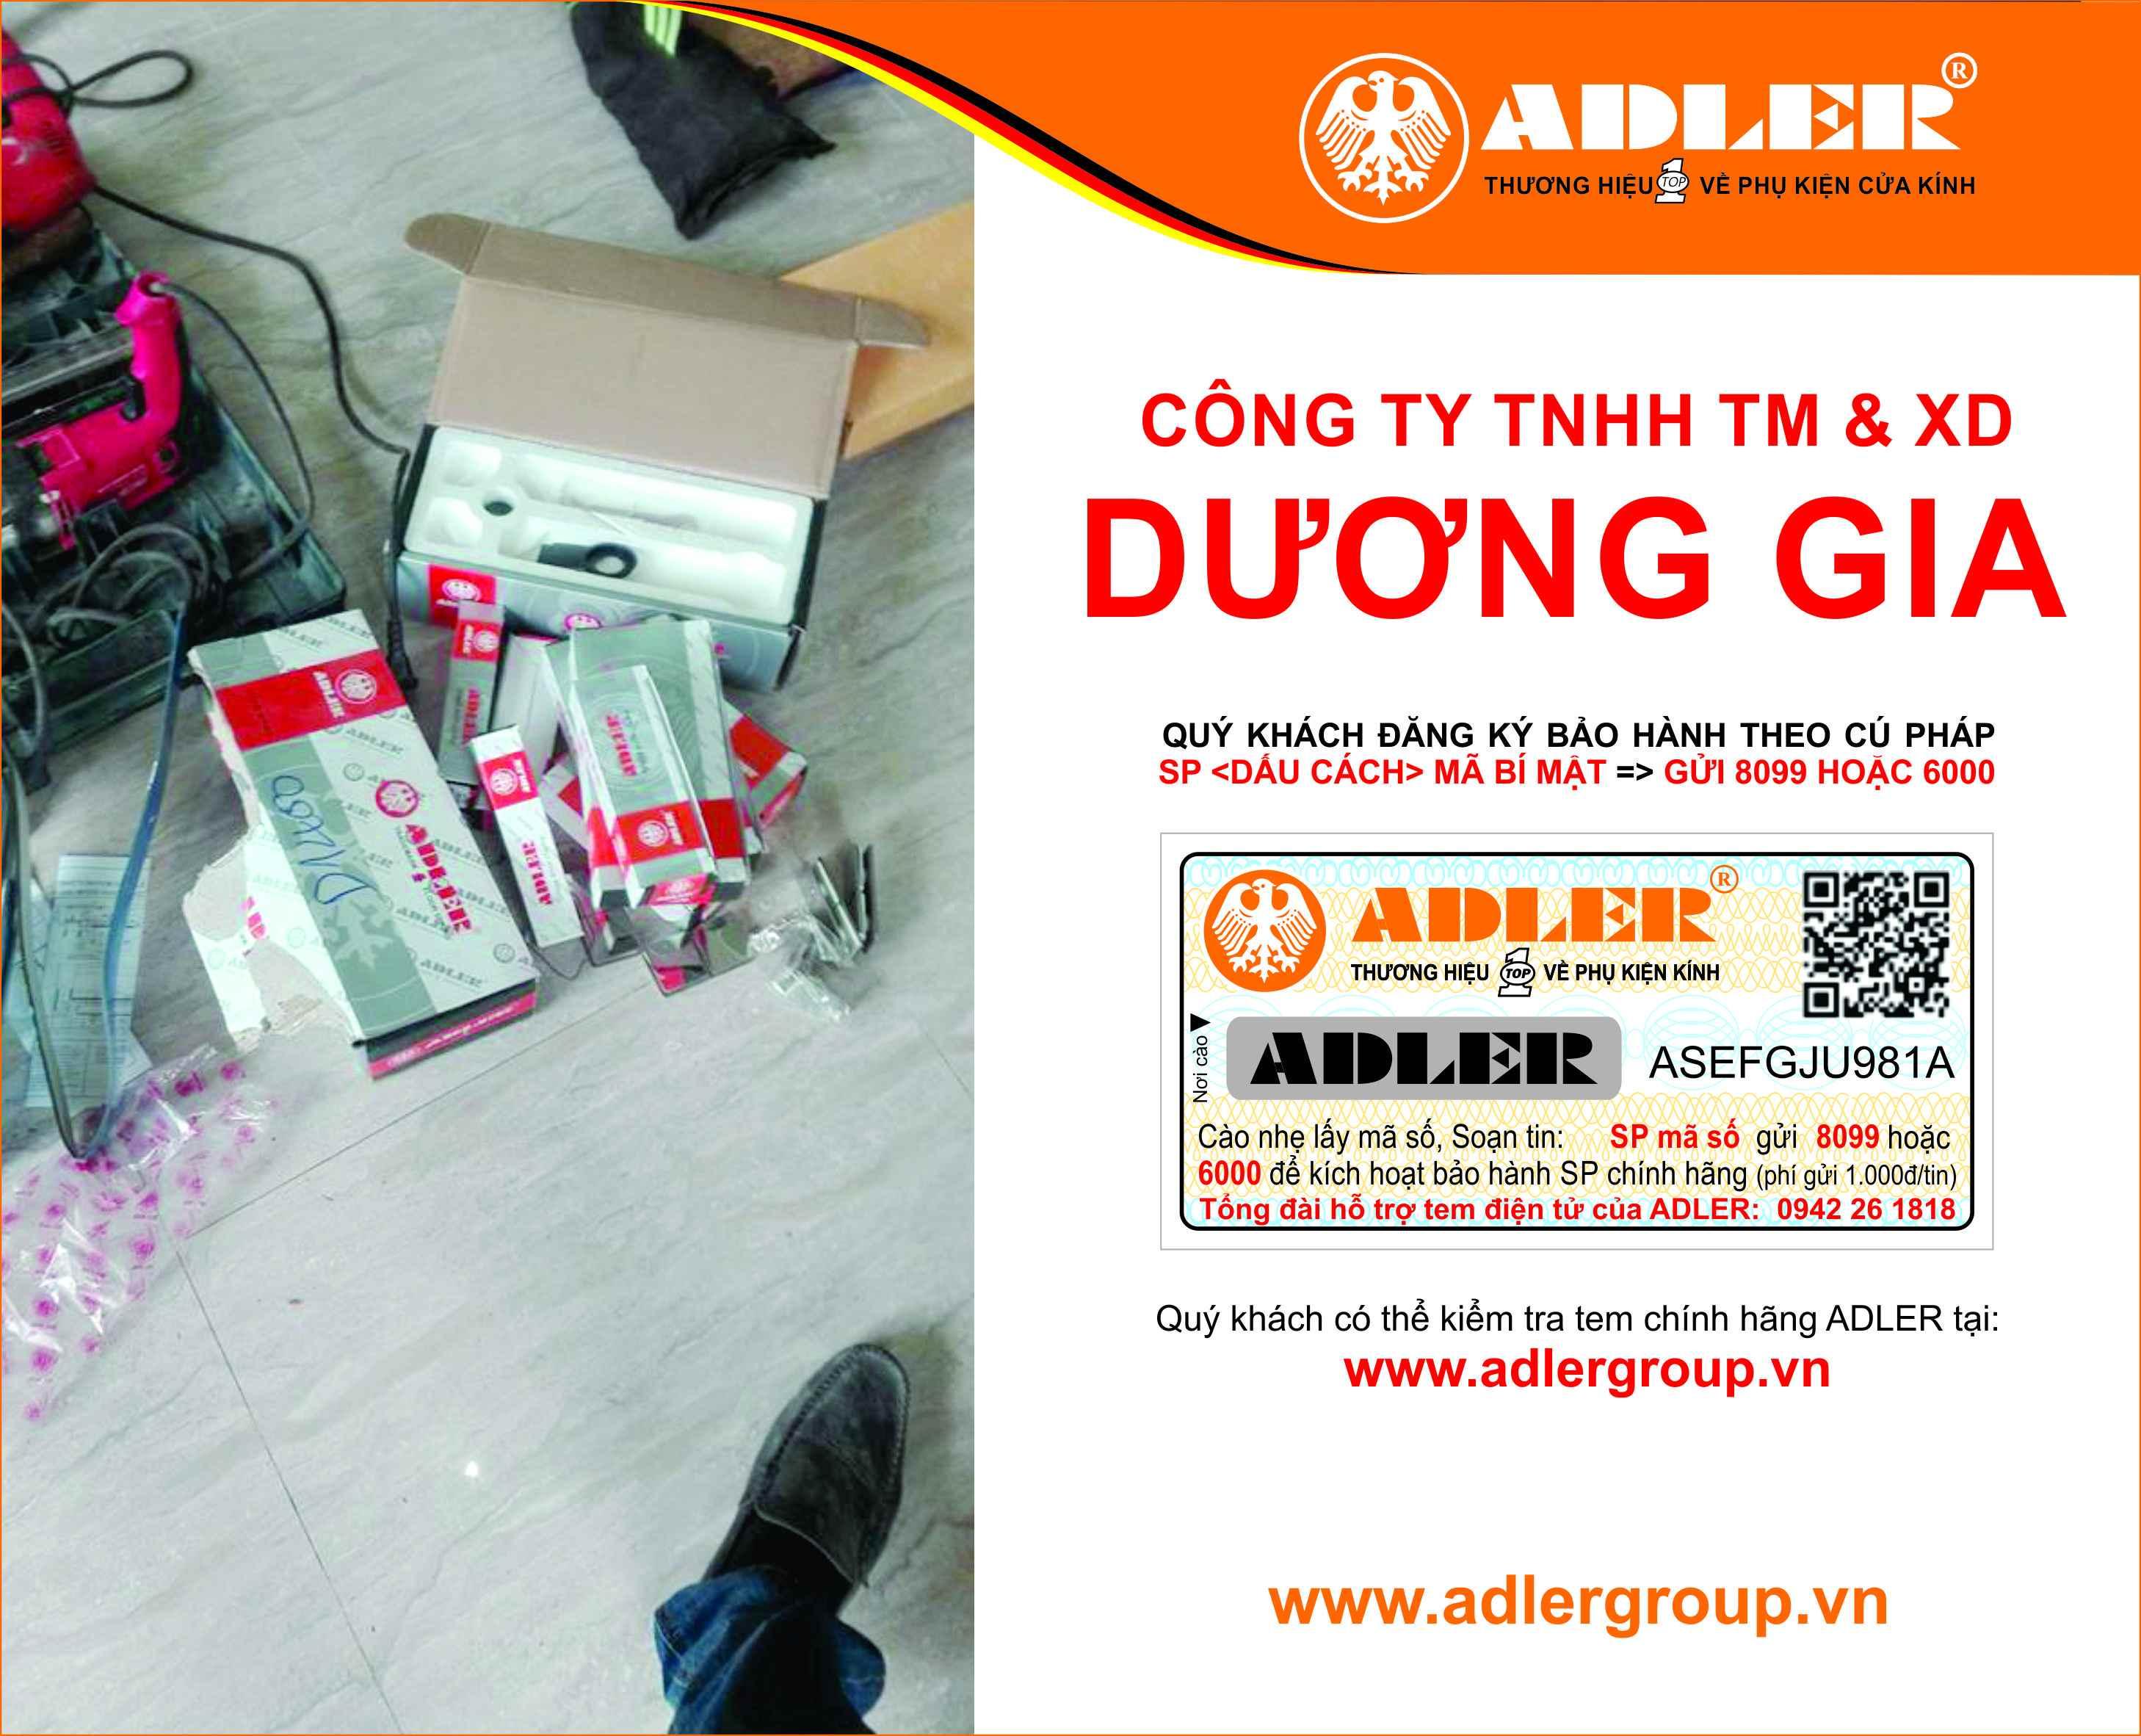 đồng bộ sản phẩm Adler với Công ty Dương Gia